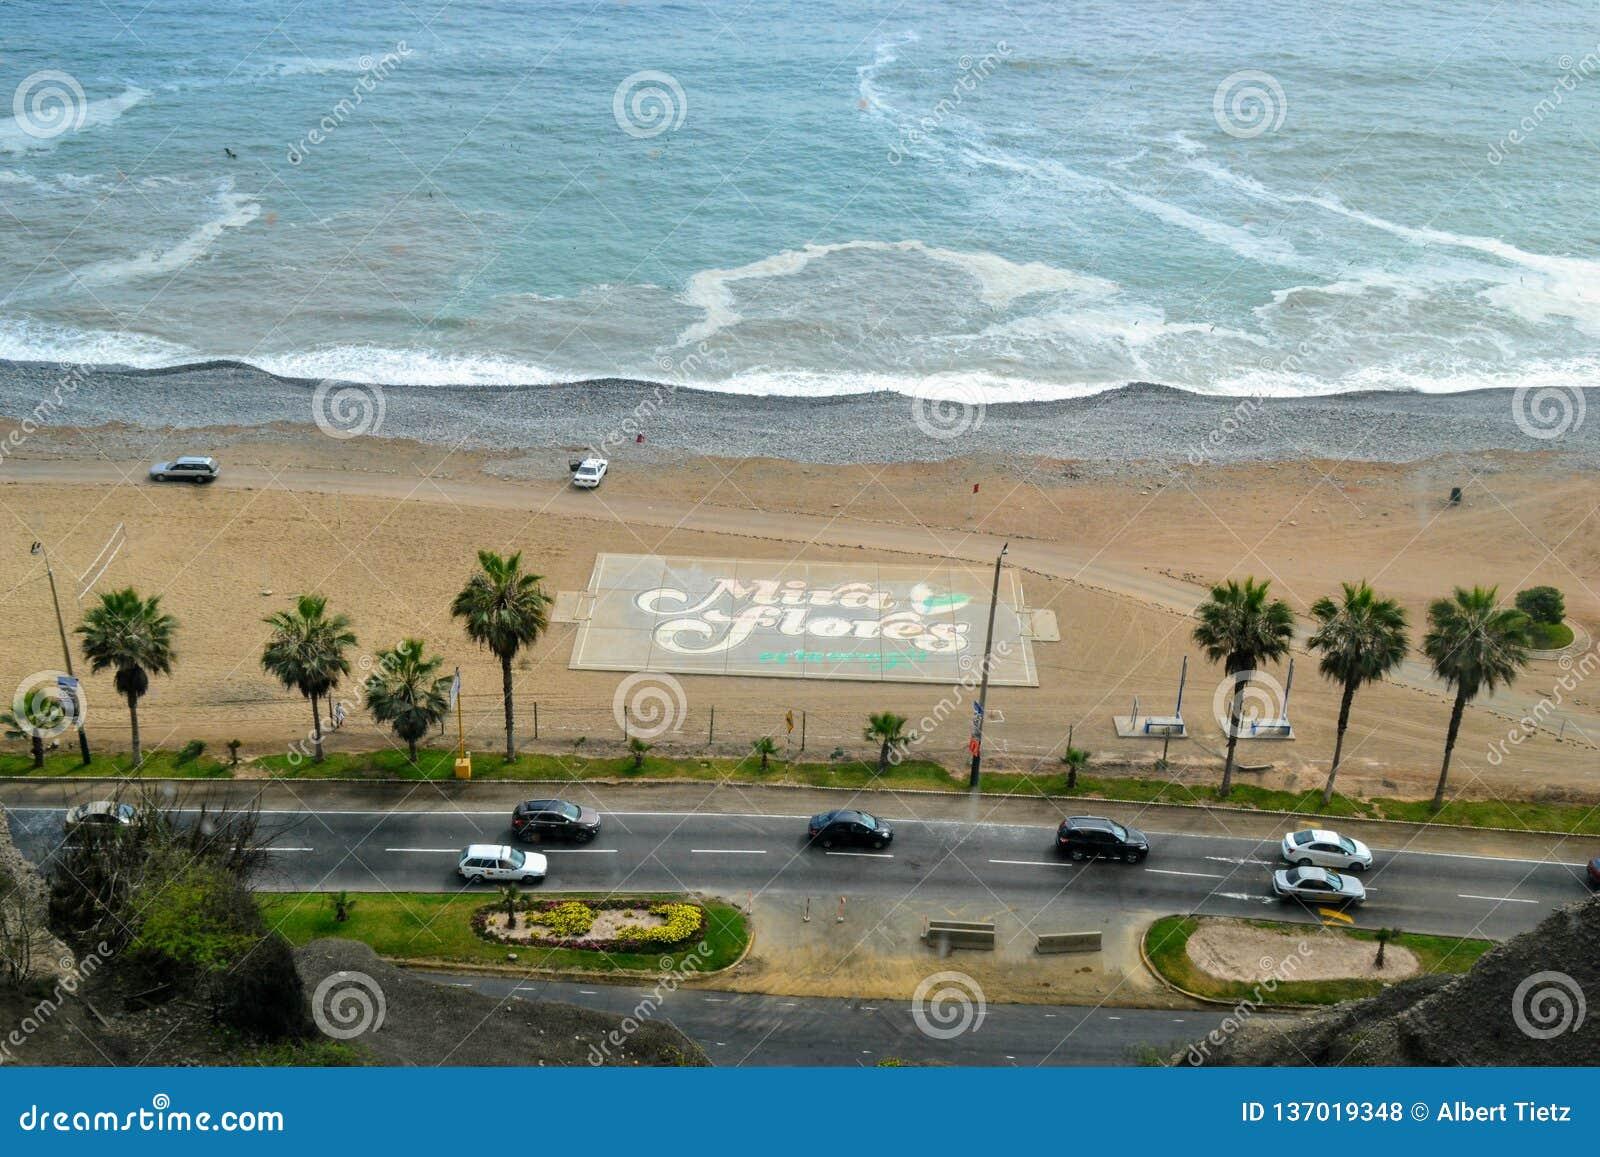 Fußballplatz mit Miraflores am Strand